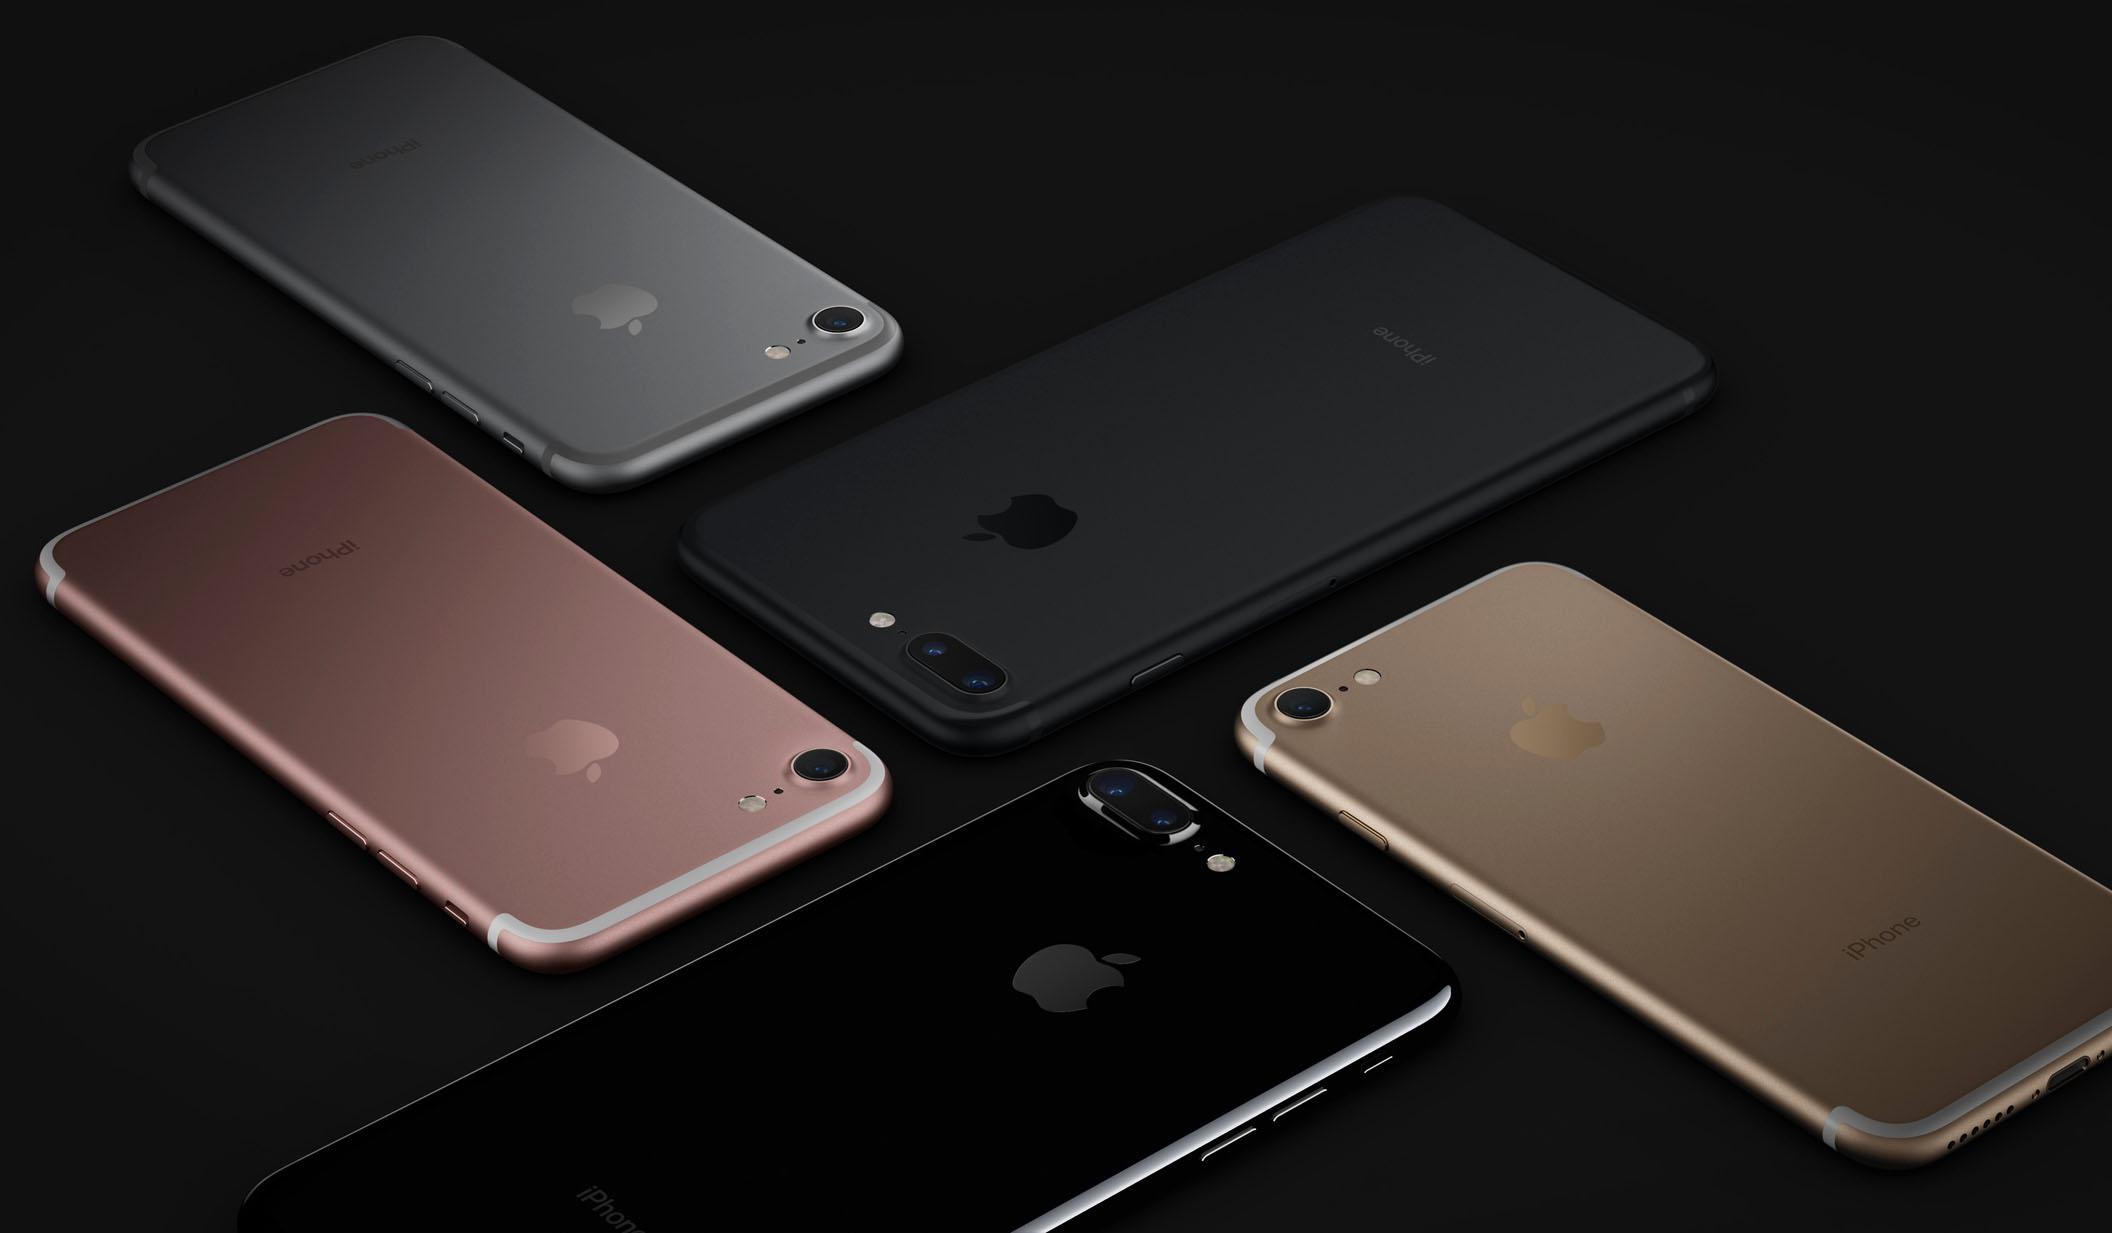 iphone 7, wodoszczelne telefony